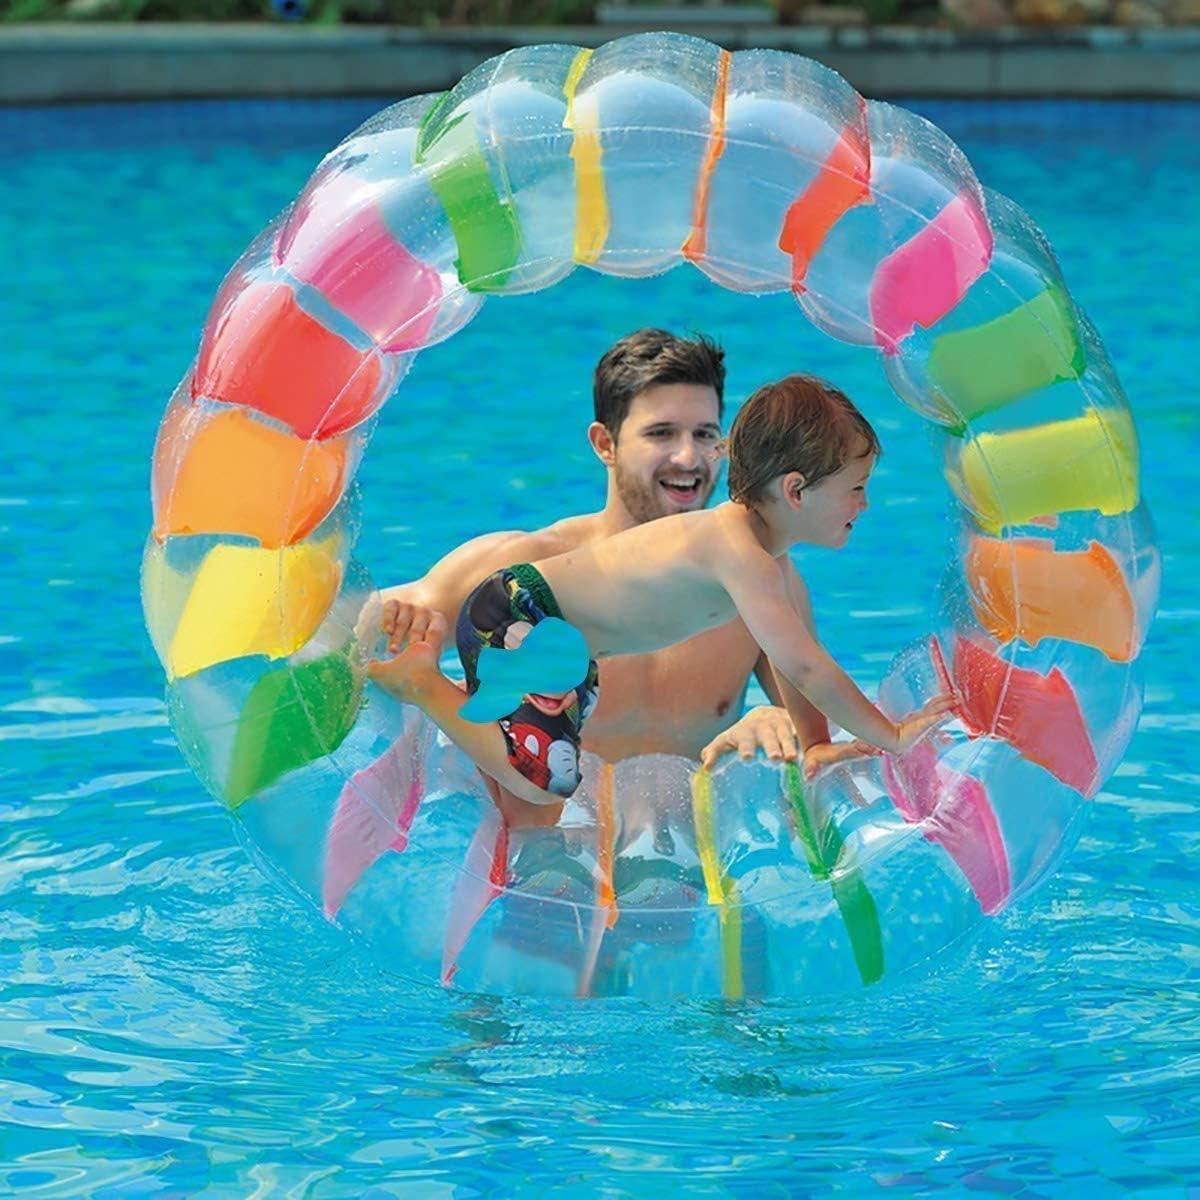 Niños Colorido Inflable Rueda de Agua Rodillo Flotador 36 Pulgadas Gigante Rollo Bola para Niños y Niñas Piscina Juguetes Hierba Juguete